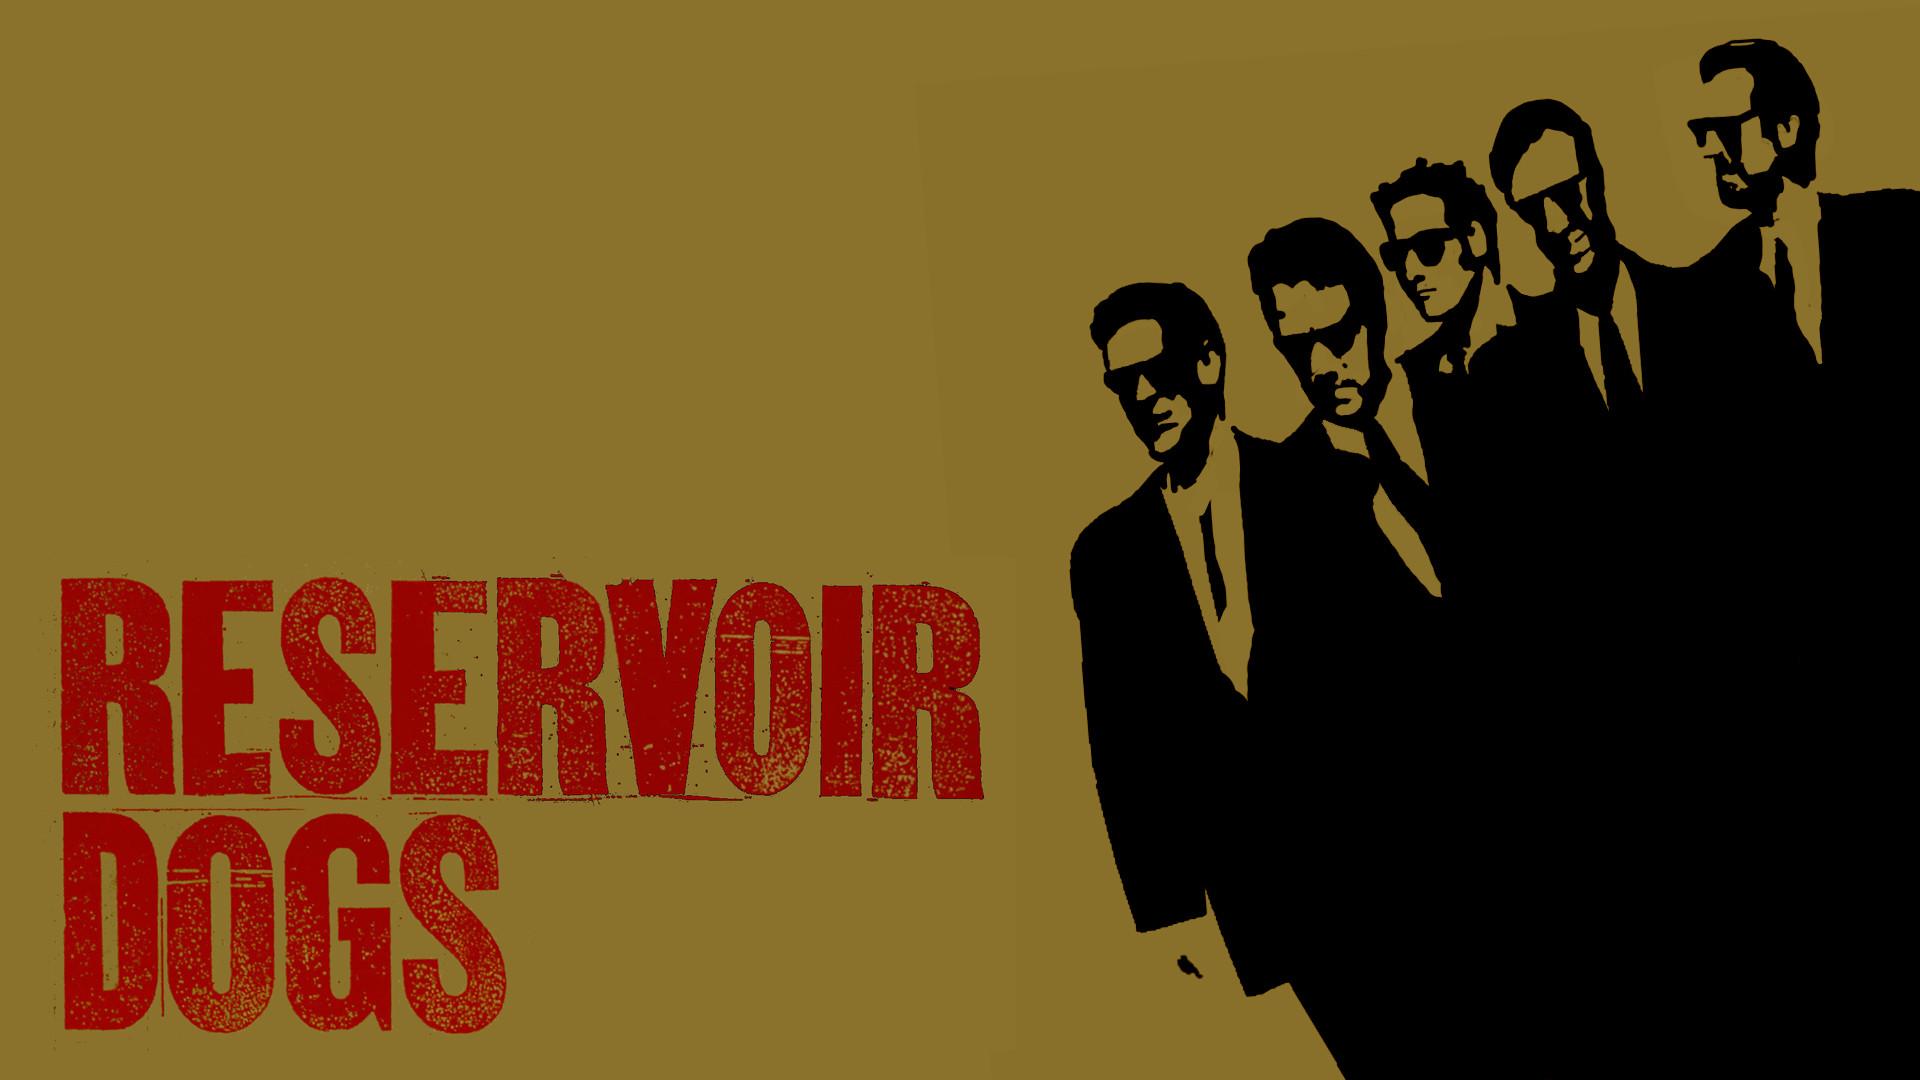 Reservoir dogs by Bubuliks Reservoir dogs by Bubuliks